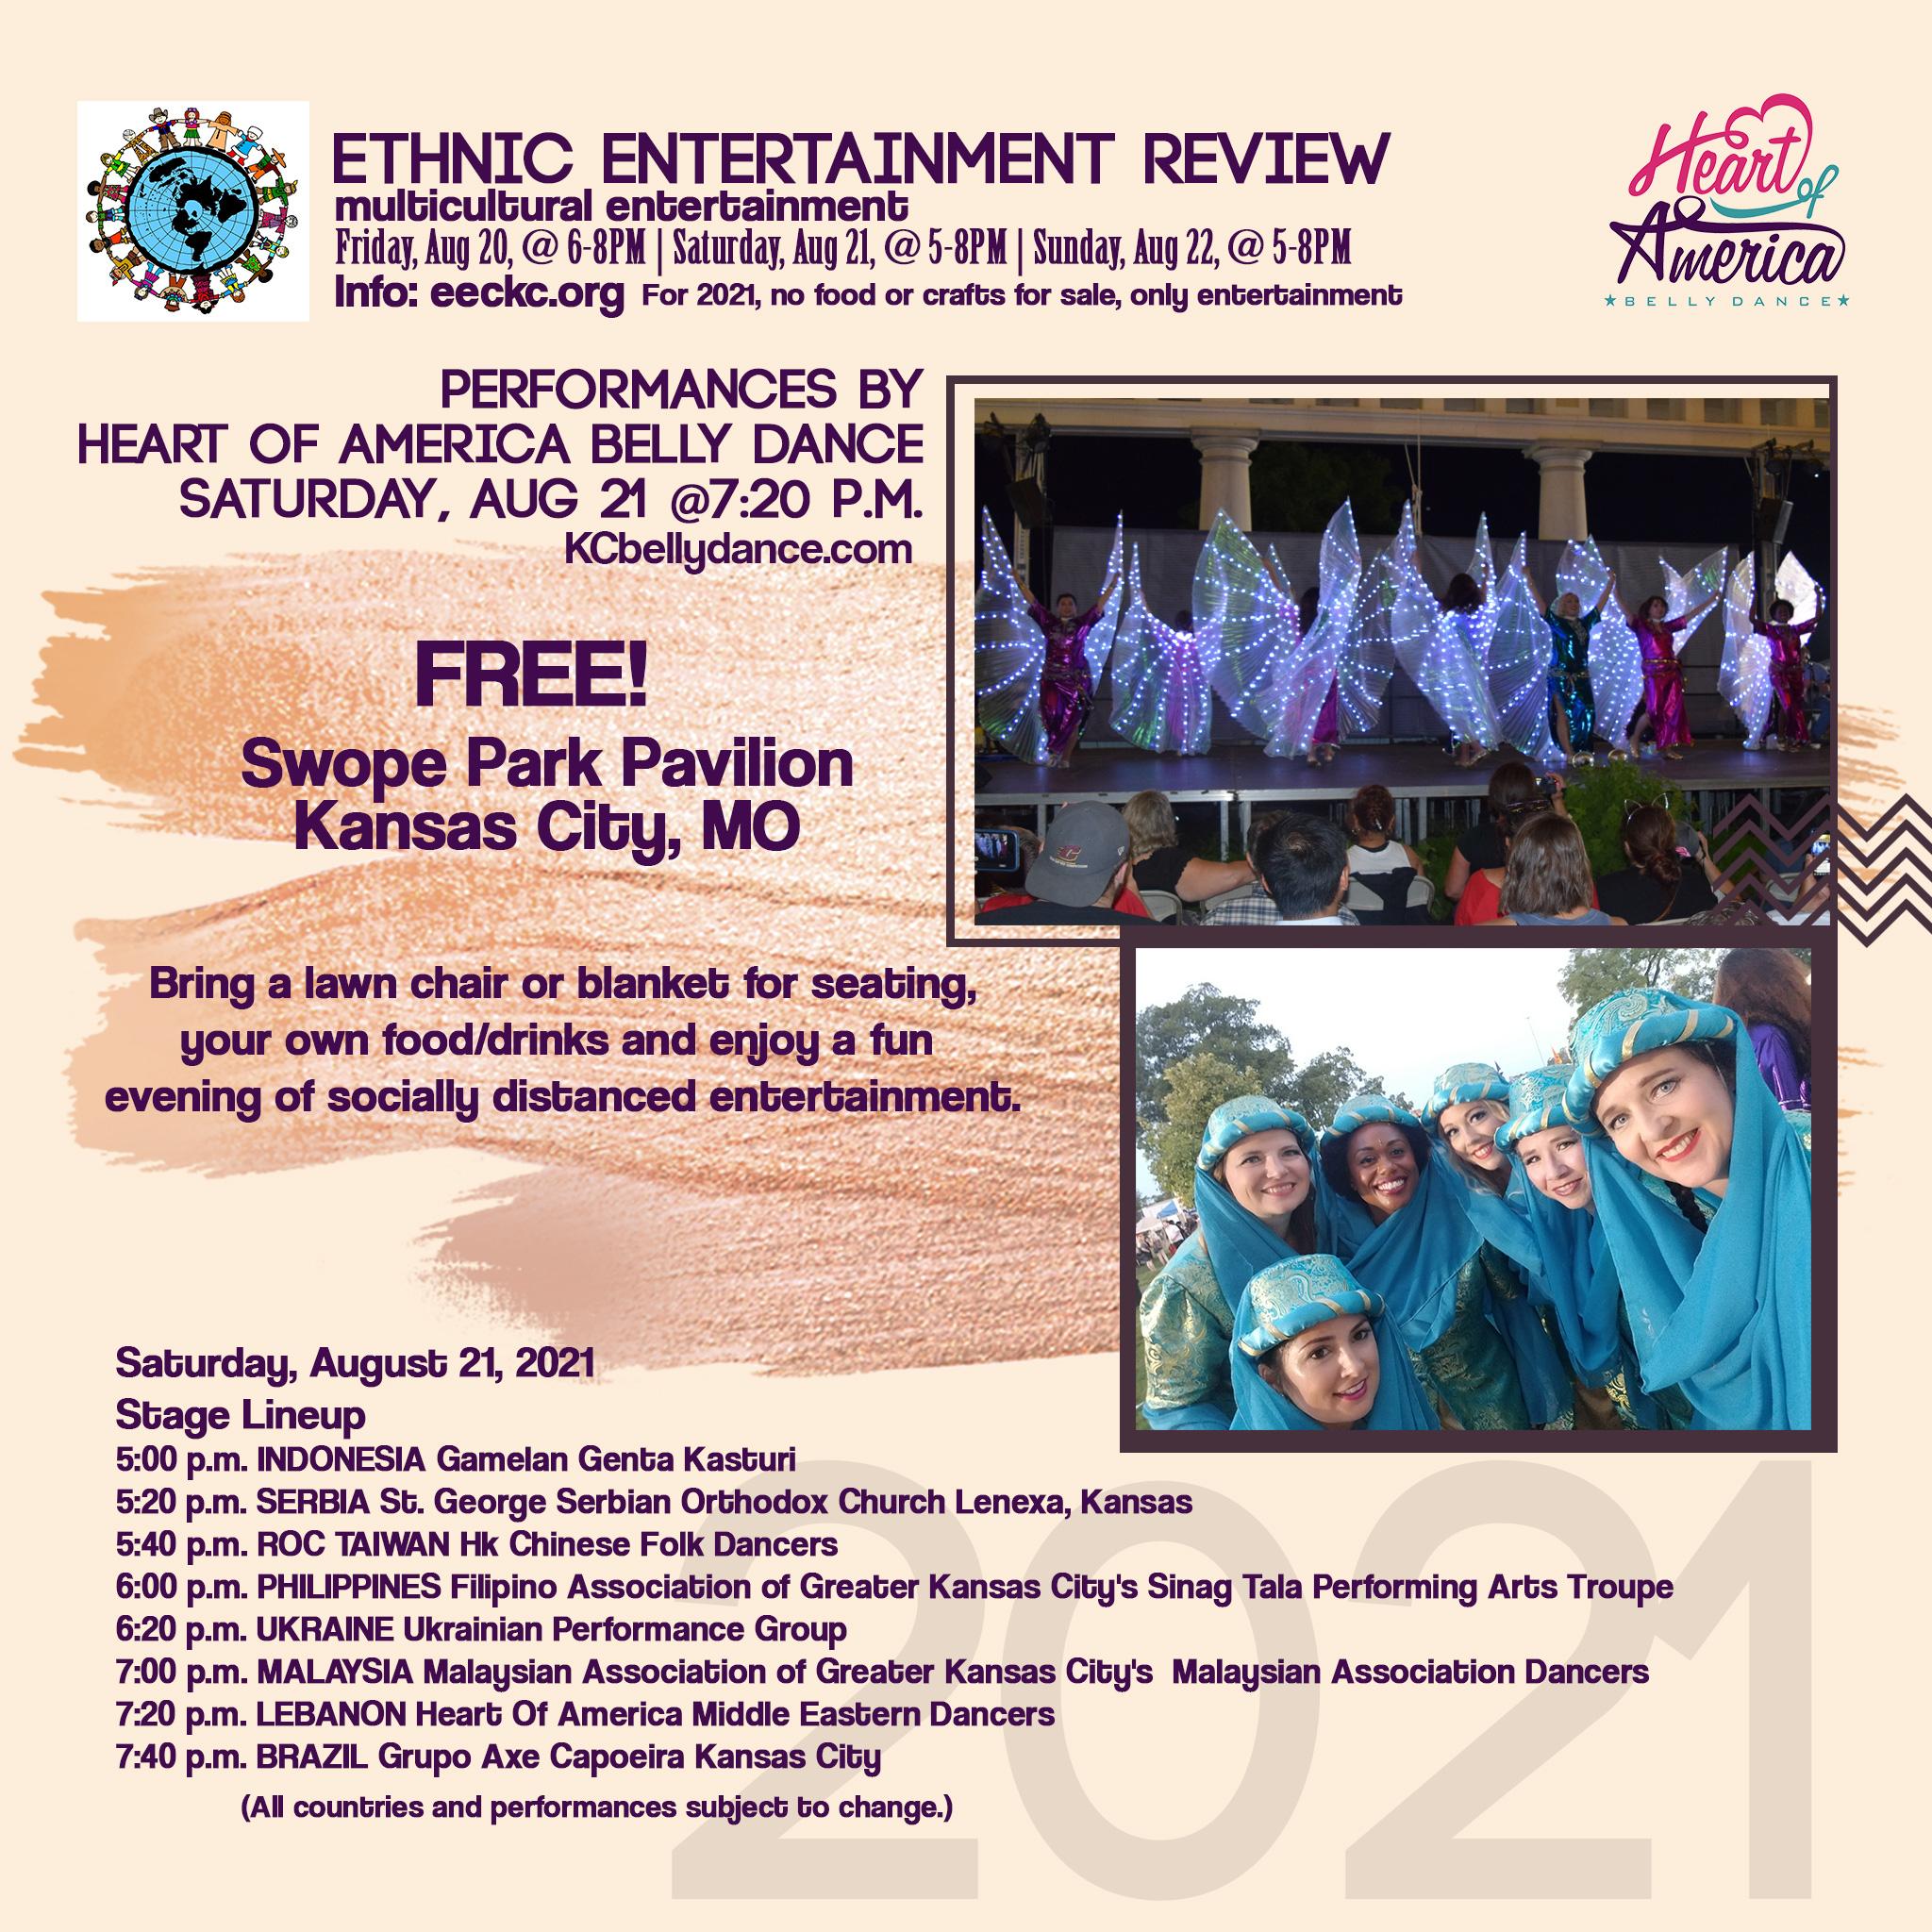 Ethnic Entertainment